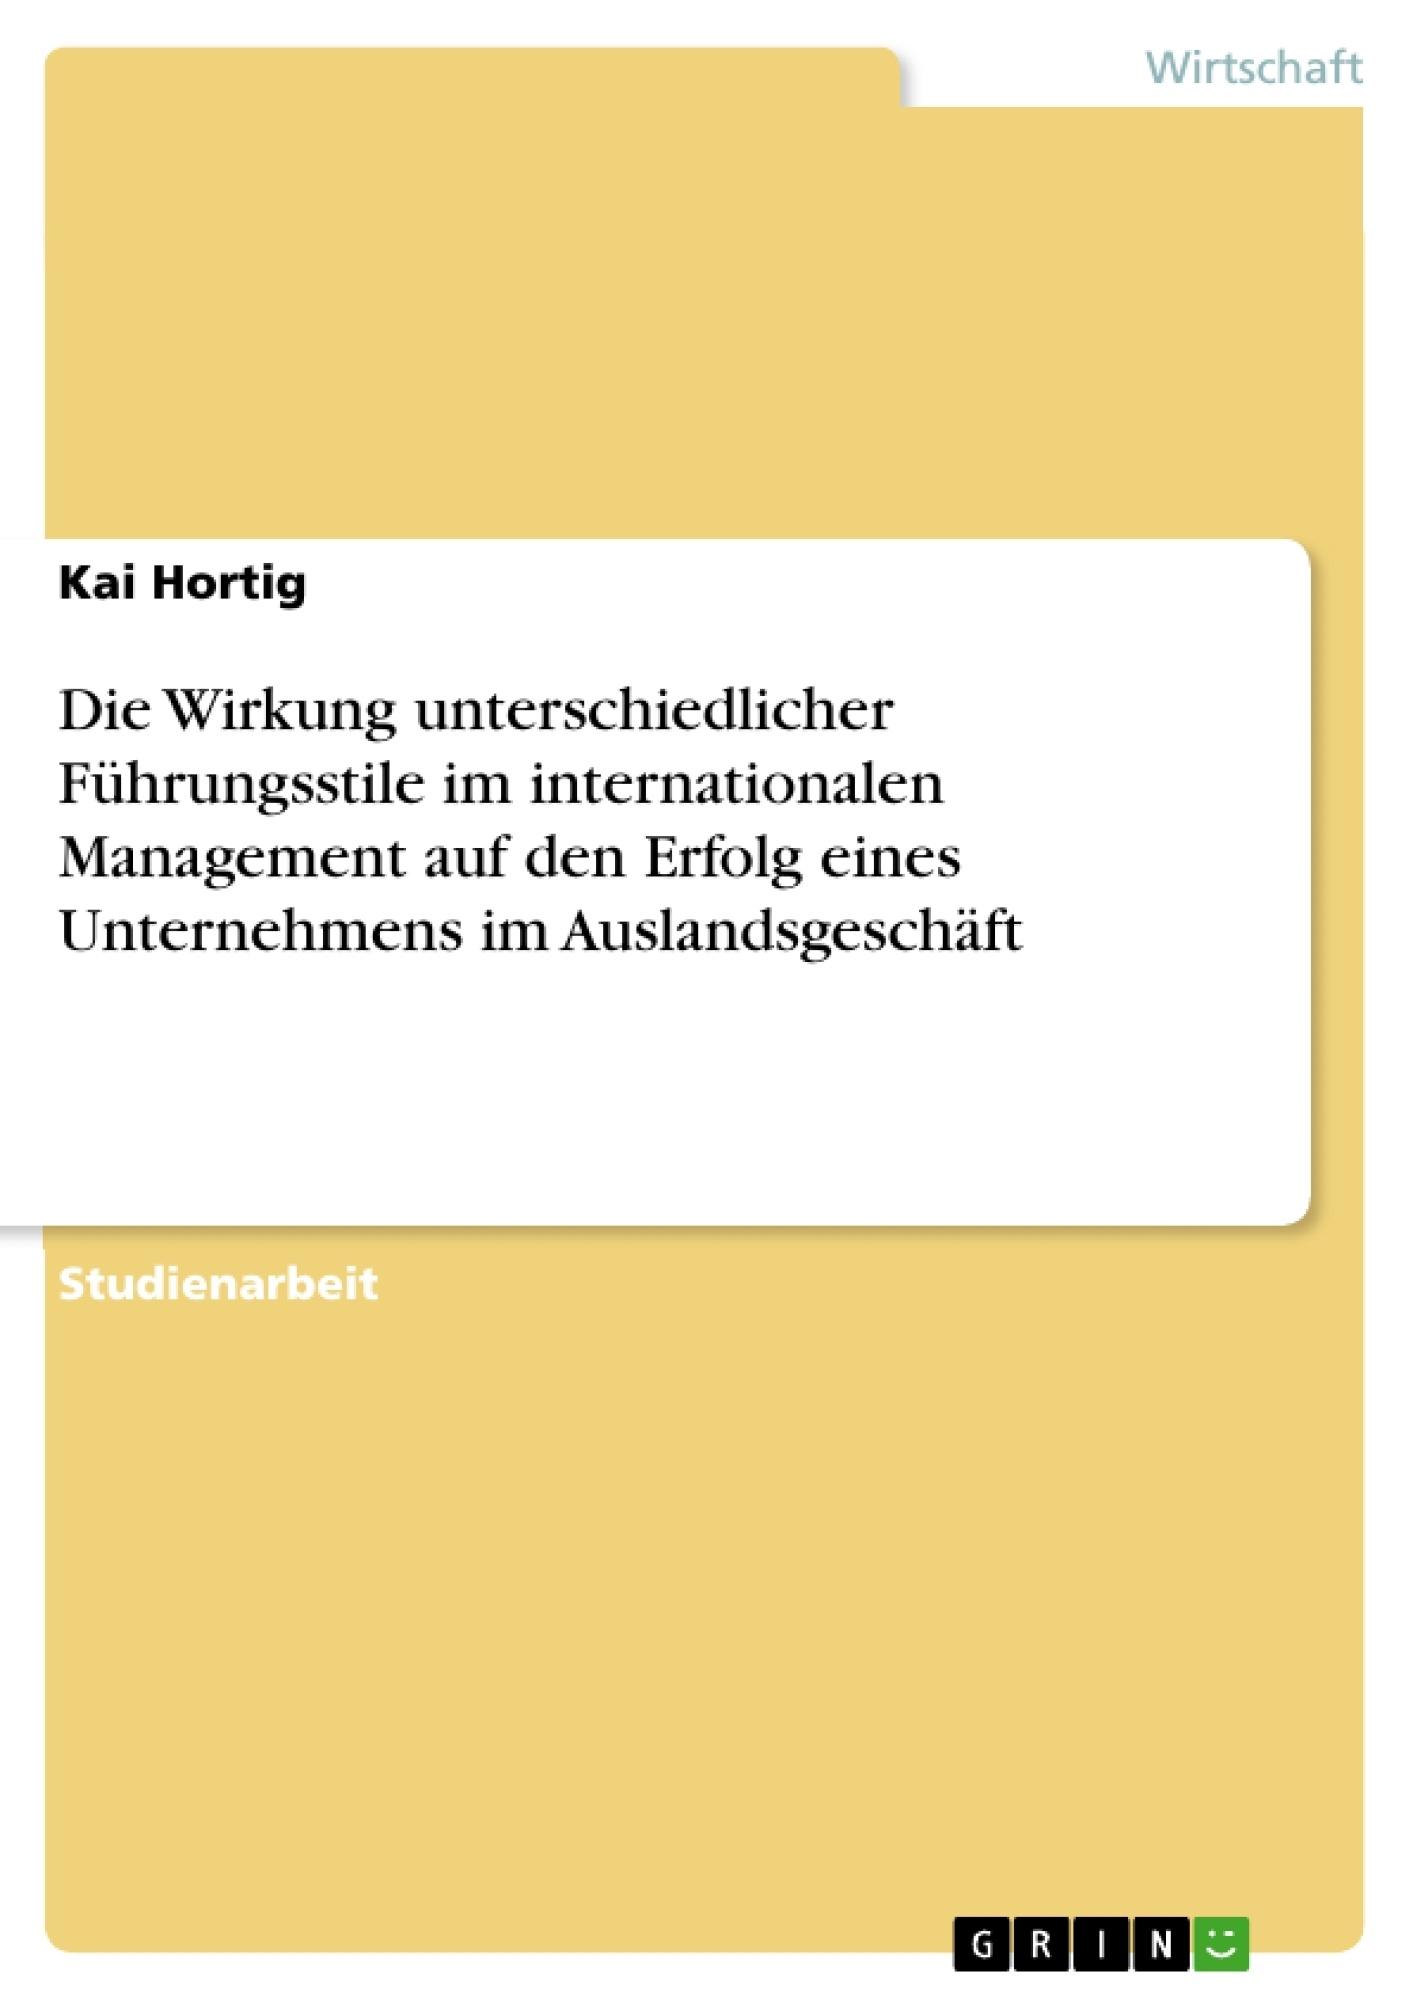 Titel: Die Wirkung unterschiedlicher Führungsstile im internationalen Management auf den Erfolg eines Unternehmens im Auslandsgeschäft